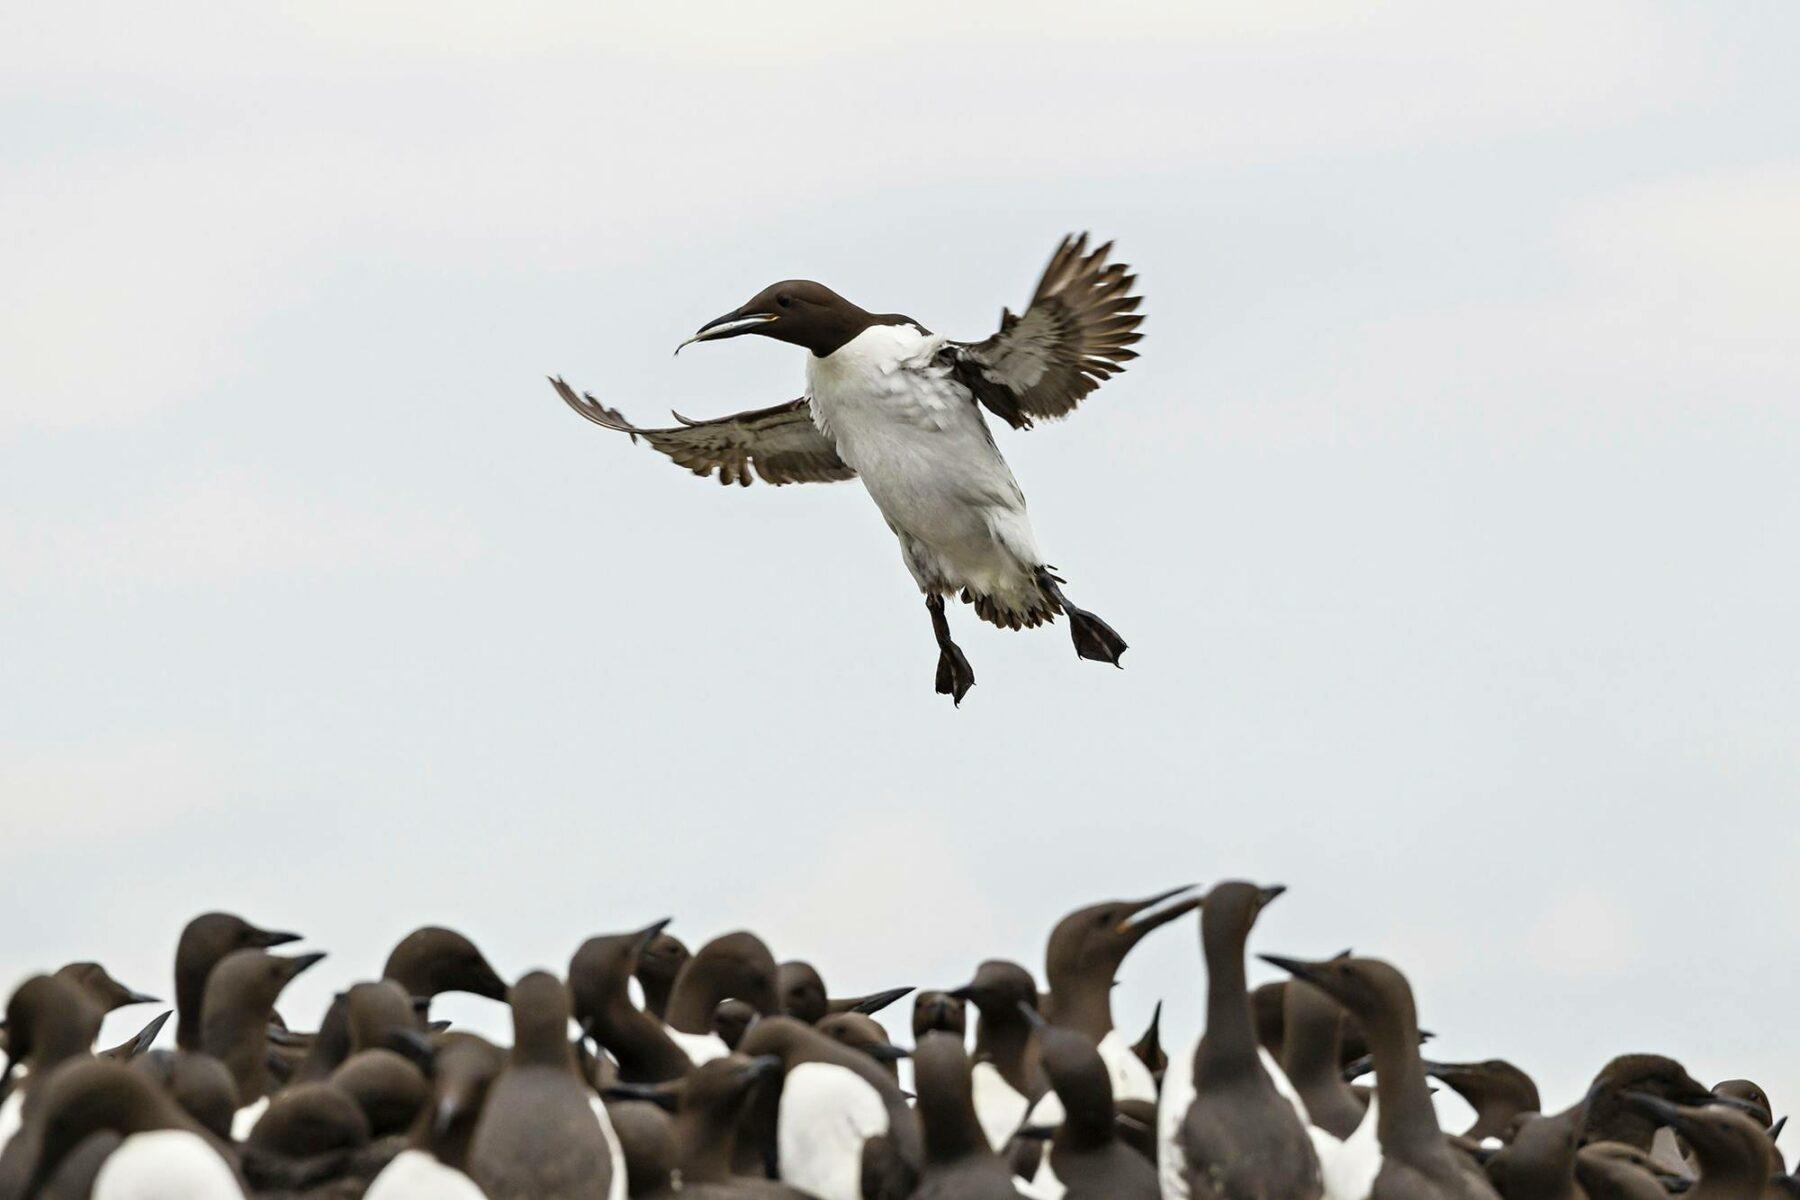 Kiisloja Farnen saarilla Northumberlandissa Koillis-Englannissa.